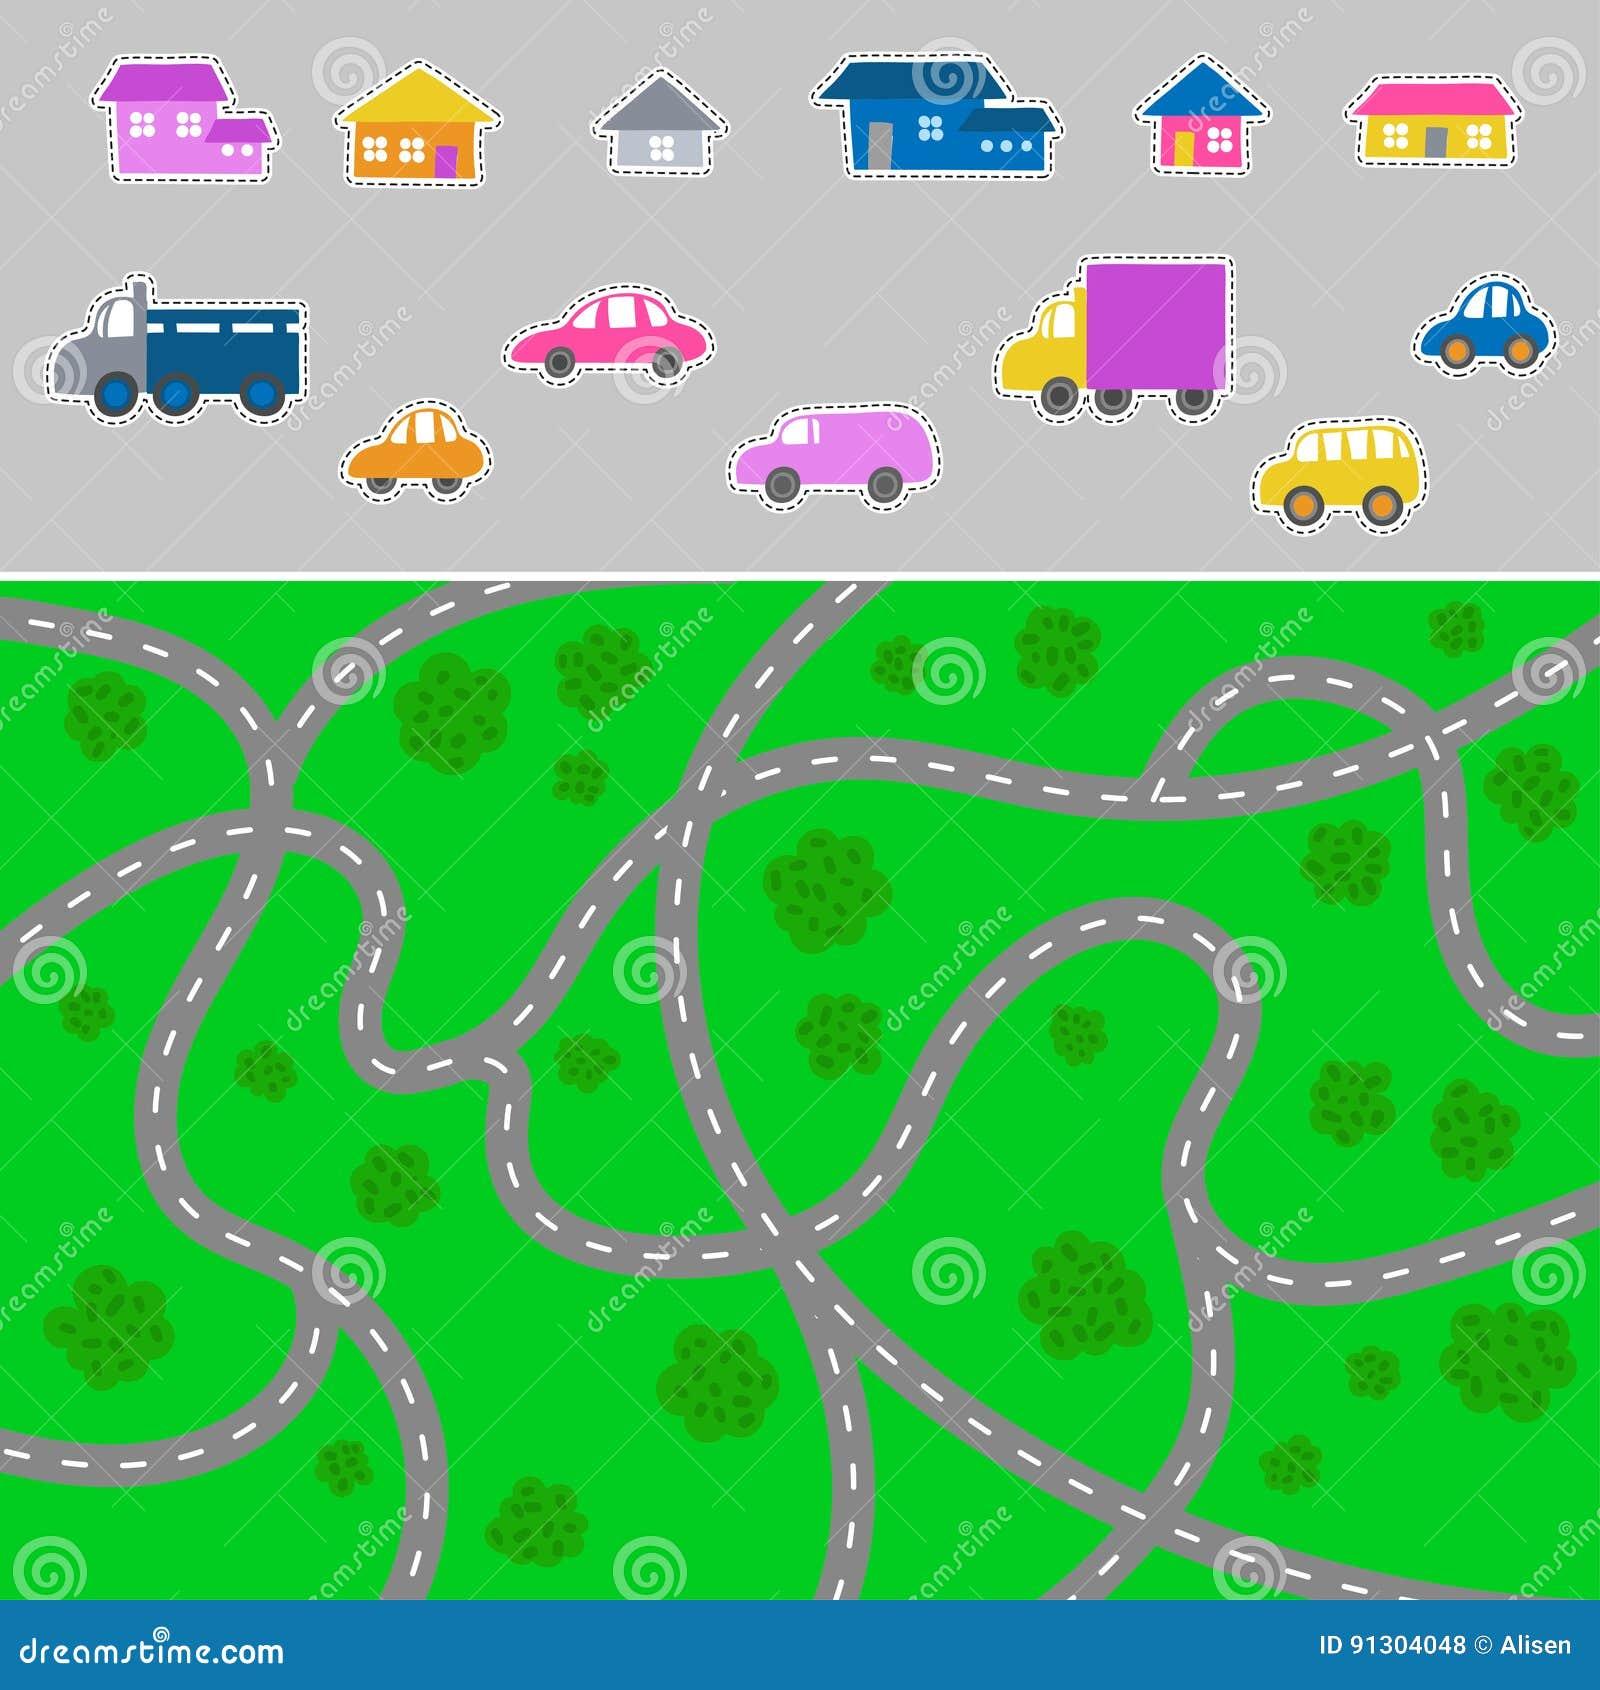 Mapa Ciudad Para Niños.Mapa De La Ciudad Del Nino Vector El Modelo De La Ciudad